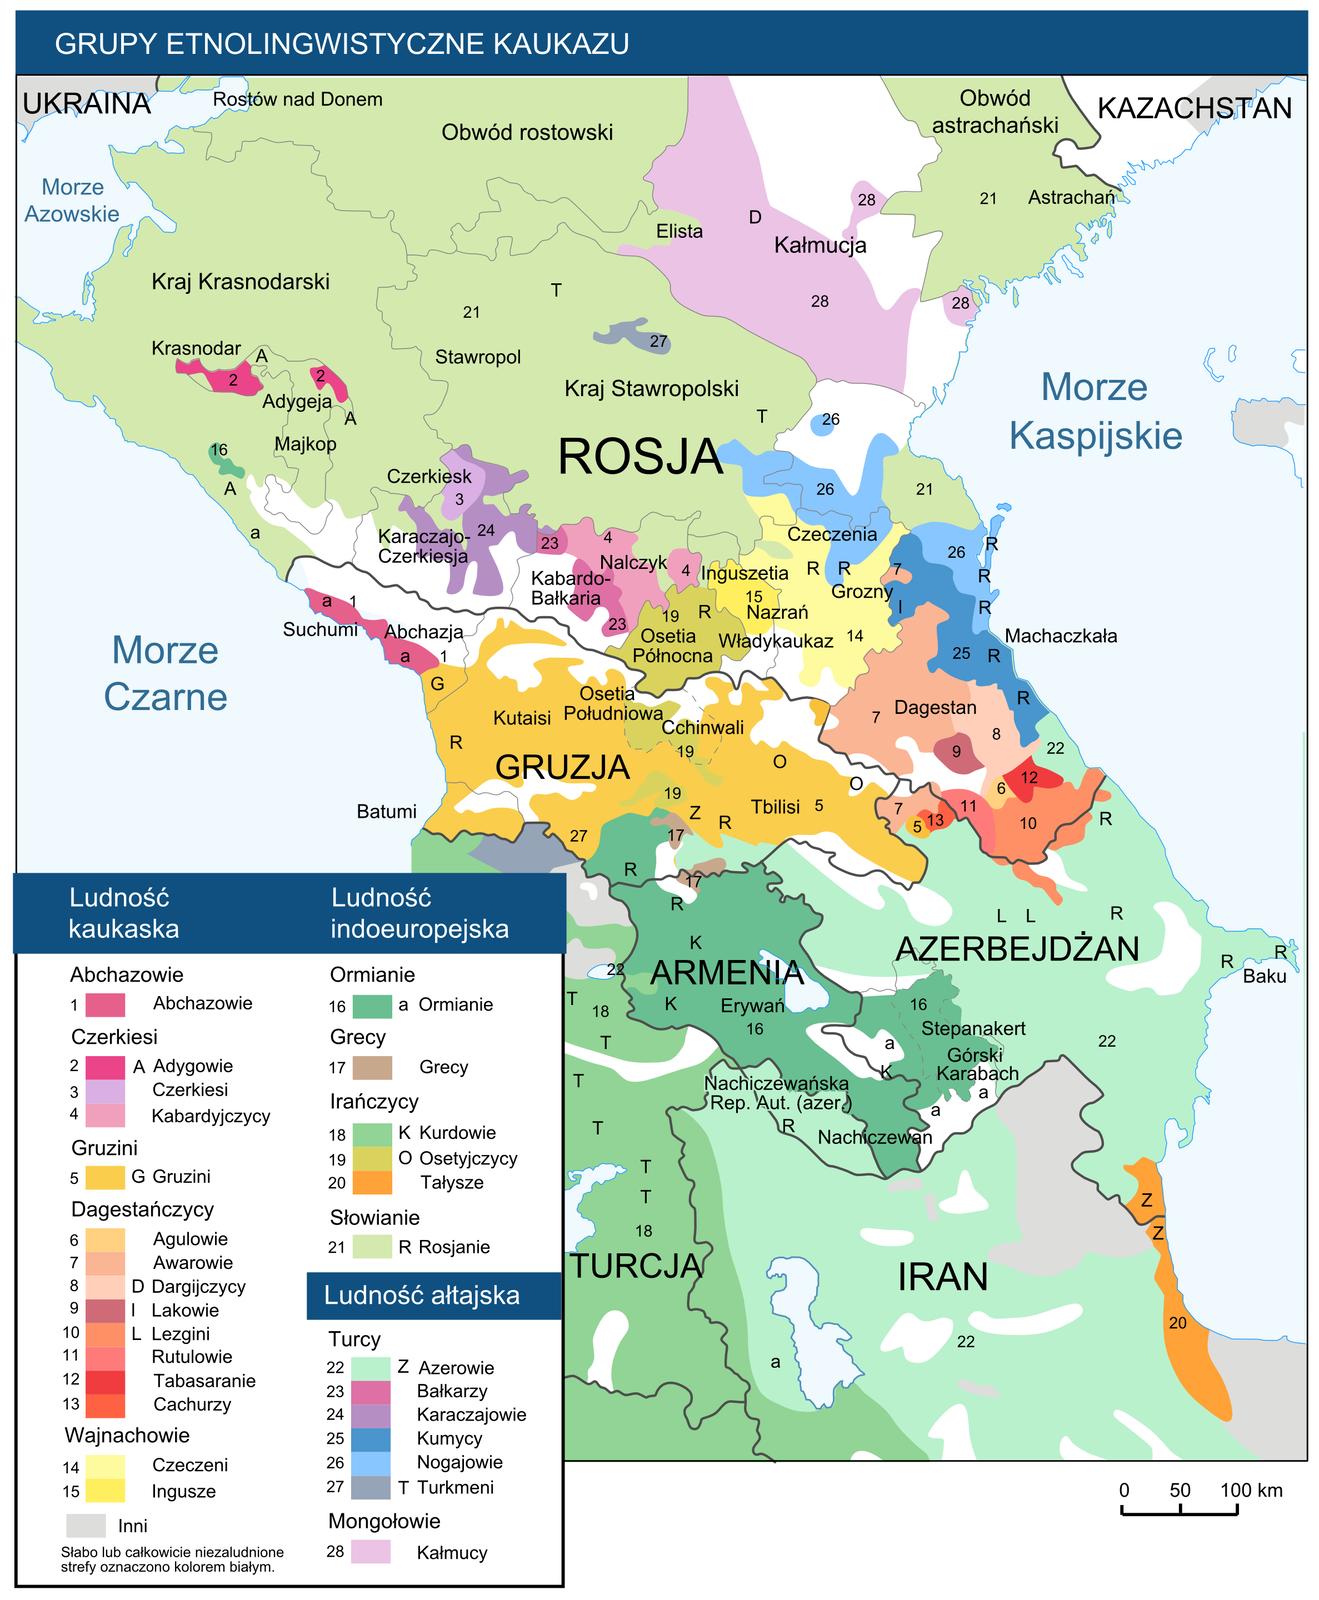 Na mapie kolorowymi plamami wobrębie lądu pokazano duże zróżnicowanie etnolingwistyczne ludności Kaukazu. Użyto dwudziestu ośmiu kolorów. Plamy kolorów rozkładają się nieregularnie. Wlegendzie objaśniono kolory. Zlewej strony przedstawionego obszaru Morze Czarne. Zprawej strony – Morze Kaspijskie.